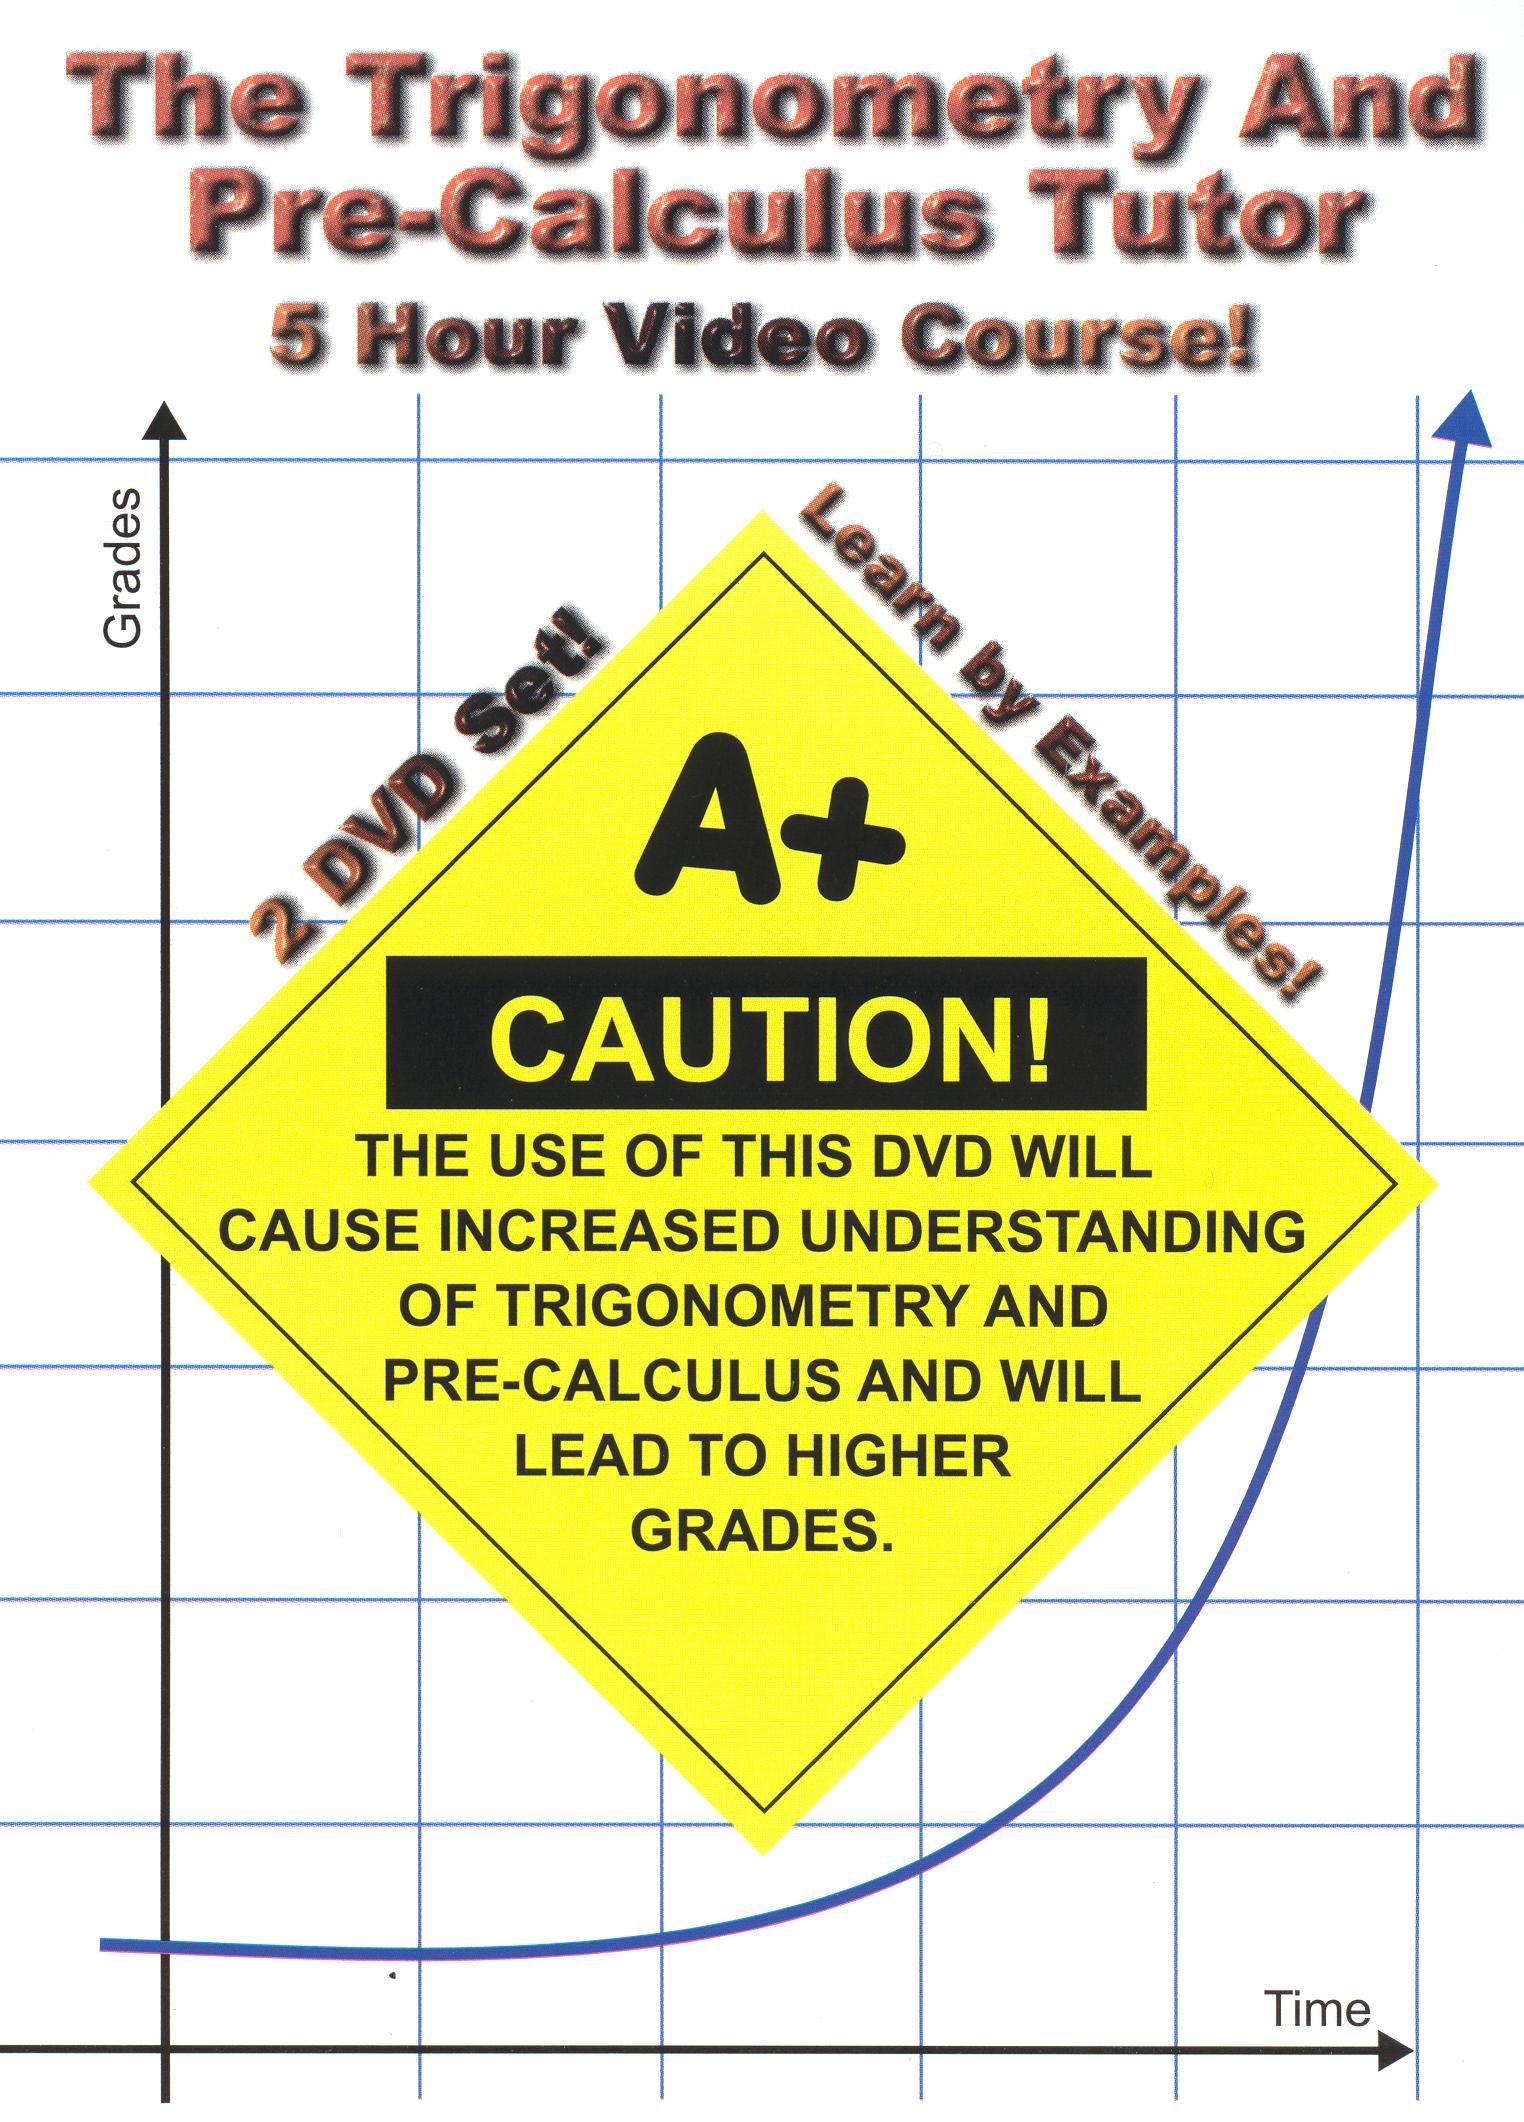 The Trigonometry & Pre-Calculus Tutor: 5 Hour Video